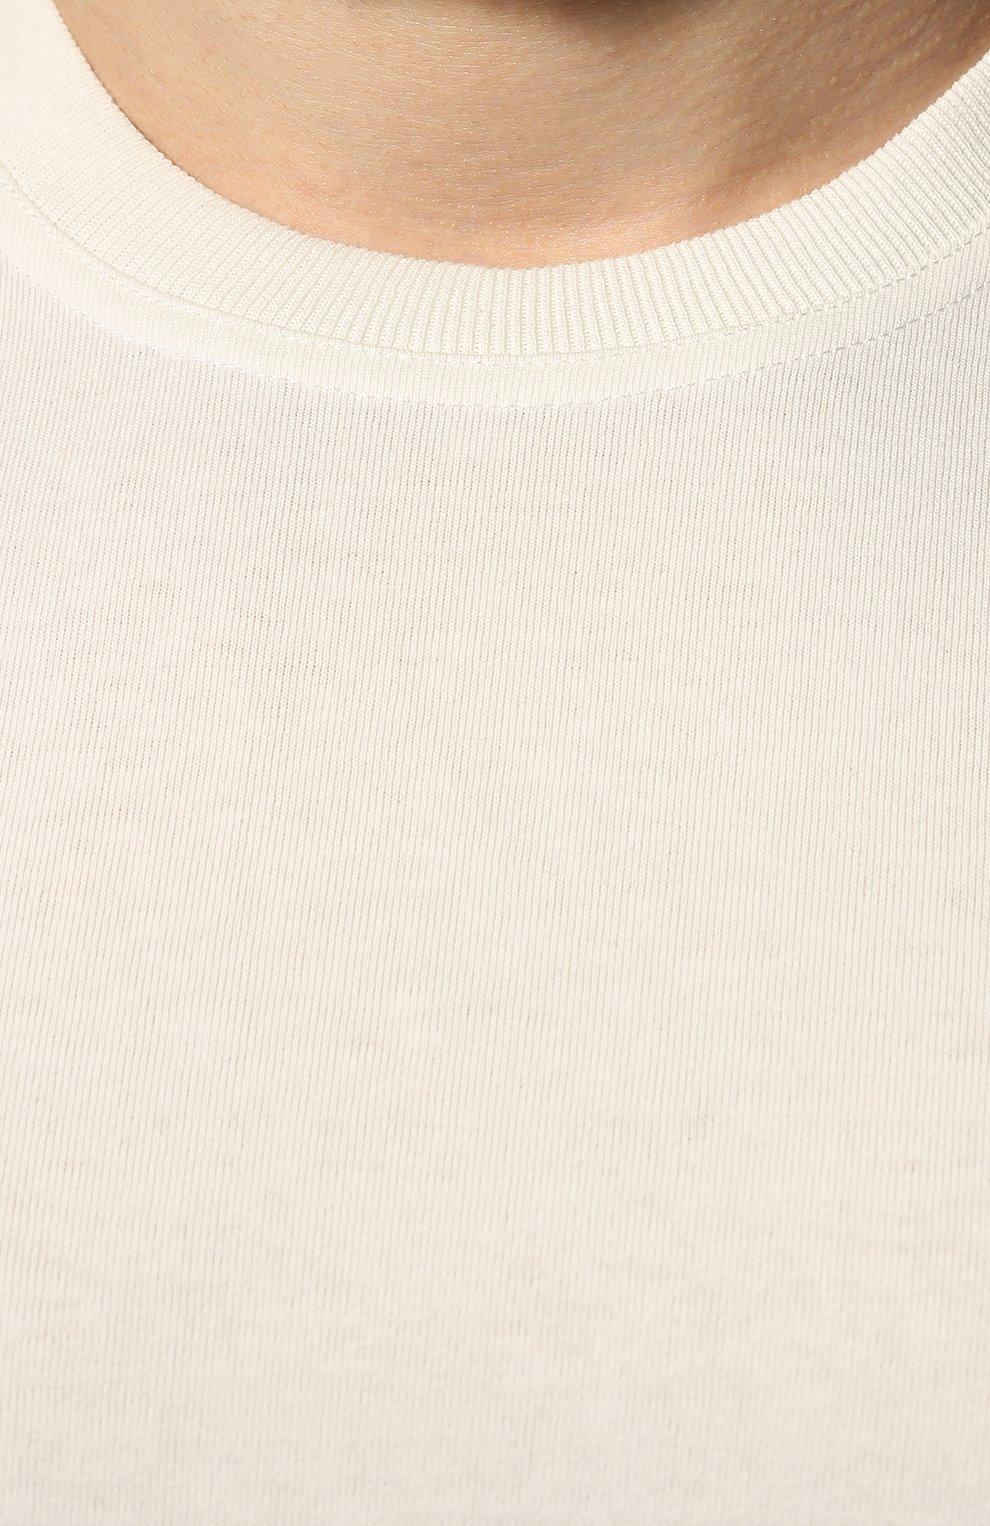 Мужская хлопковая футболка BOTTEGA VENETA белого цвета, арт. 649055/VF1U0 | Фото 5 (Принт: Без принта; Рукава: Короткие; Длина (для топов): Стандартные; Мужское Кросс-КТ: Футболка-одежда; Материал внешний: Хлопок; Стили: Минимализм)